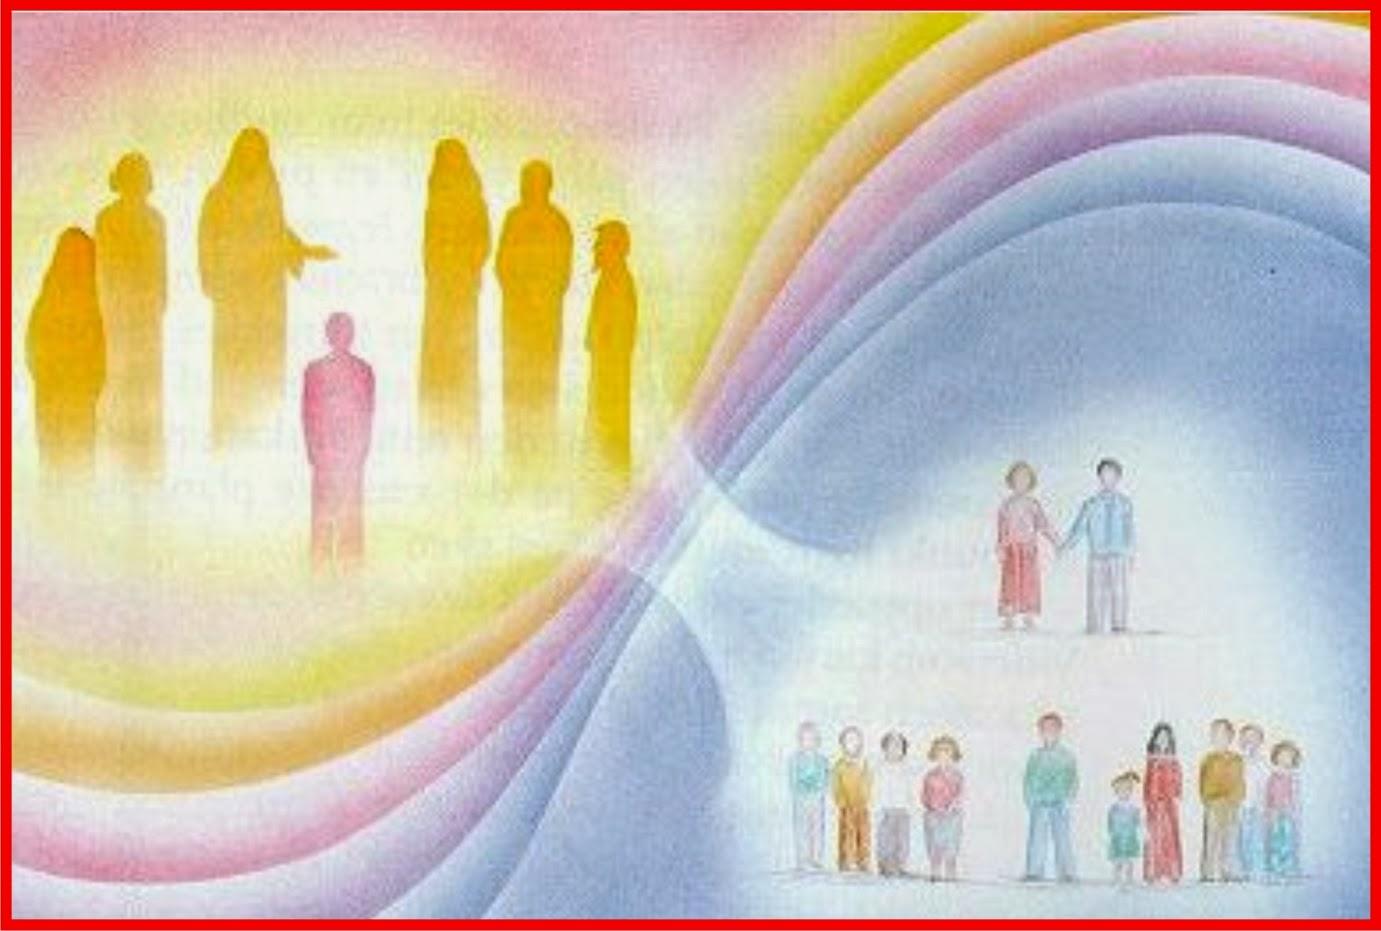 La transition est un passage vers une autre vie. Libérez les âmes défuntes. PLANEJAMENTO